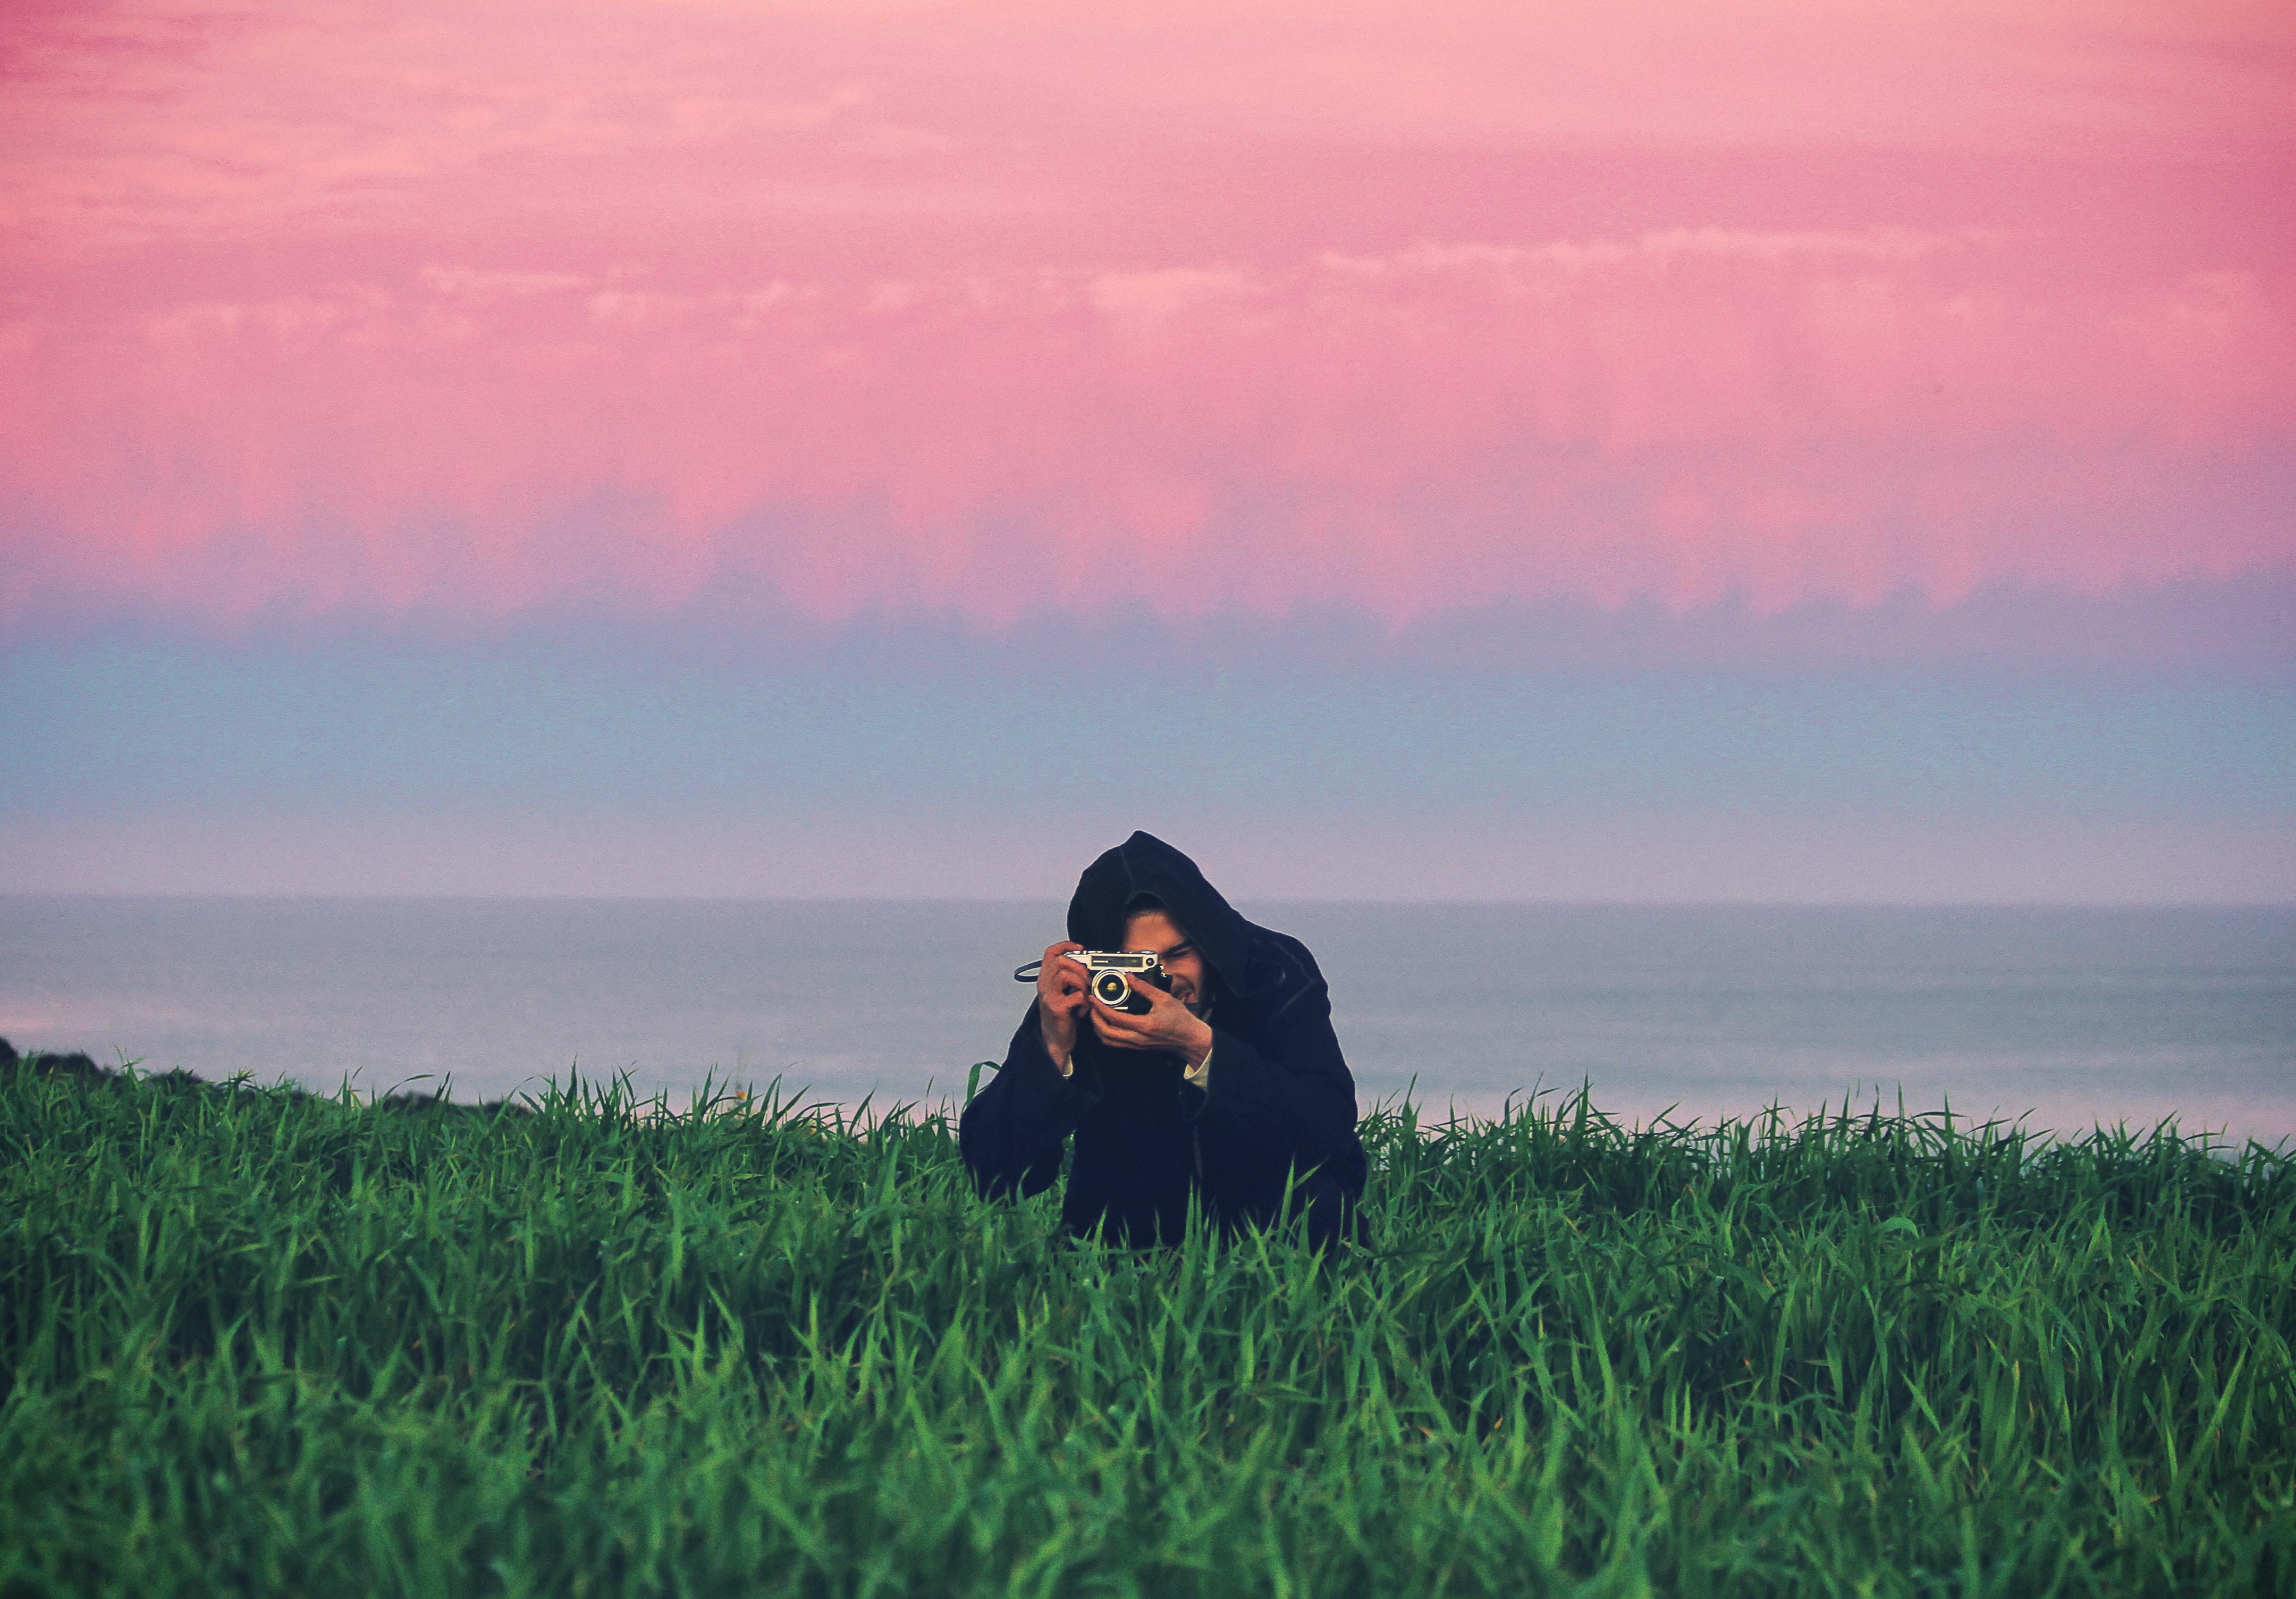 man standing on grass field